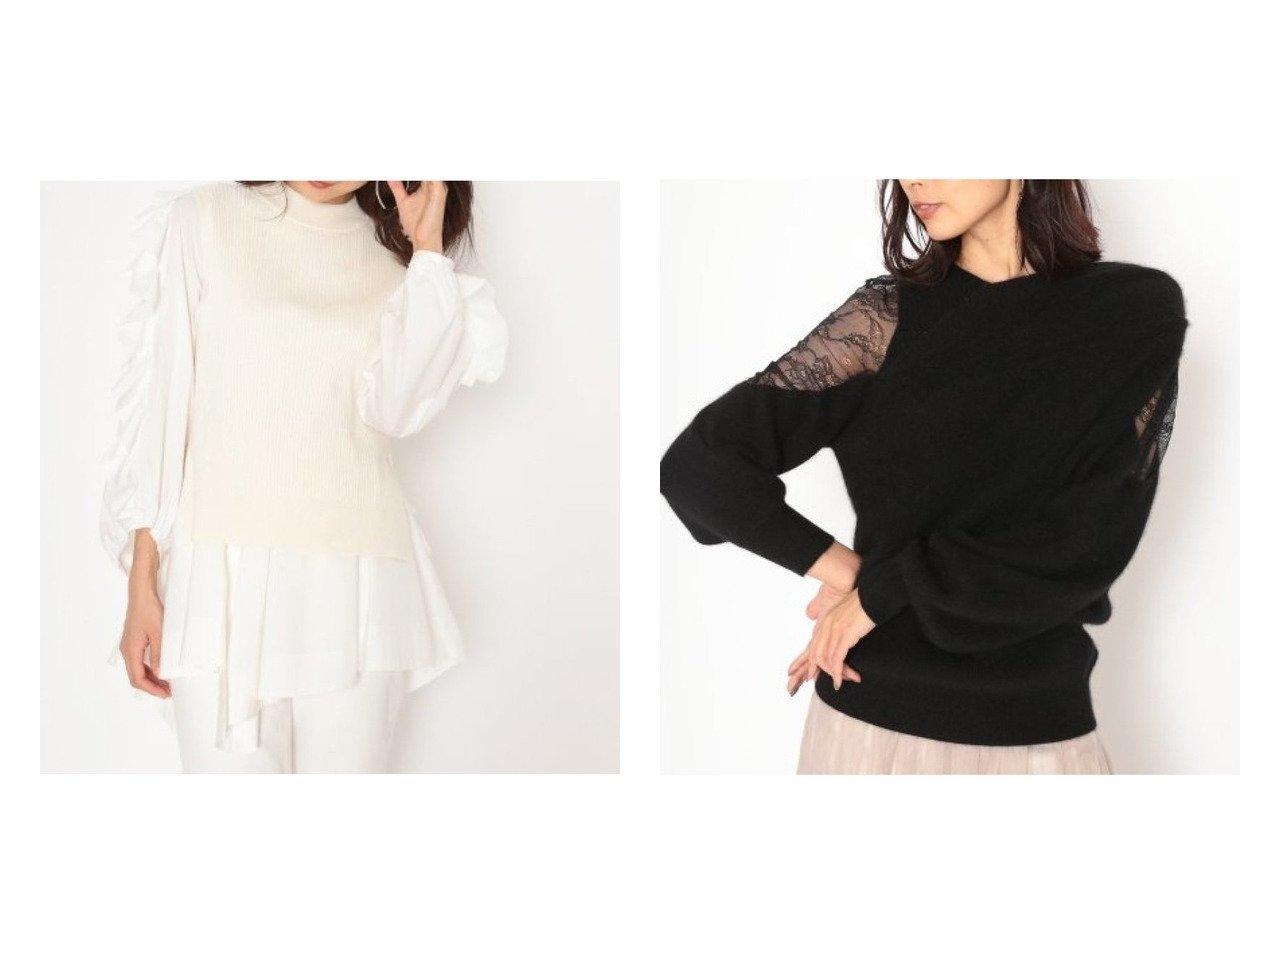 【SNIDEL/スナイデル】のニットドッキングパフスリブラウス&アシメレースコンビニットプルオーバー トップス・カットソーのおすすめ!人気、トレンド・レディースファッションの通販 おすすめで人気の流行・トレンド、ファッションの通販商品 メンズファッション・キッズファッション・インテリア・家具・レディースファッション・服の通販 founy(ファニー) https://founy.com/ ファッション Fashion レディースファッション WOMEN トップス Tops Tshirt ニット Knit Tops シャツ/ブラウス Shirts Blouses プルオーバー Pullover 1月号 イレギュラーヘム コンパクト シンプル セパレート デニム トレンド ドッキング バランス フェミニン フリル ベスト ミックス モックネック 再入荷 Restock/Back in Stock/Re Arrival |ID:crp329100000015868